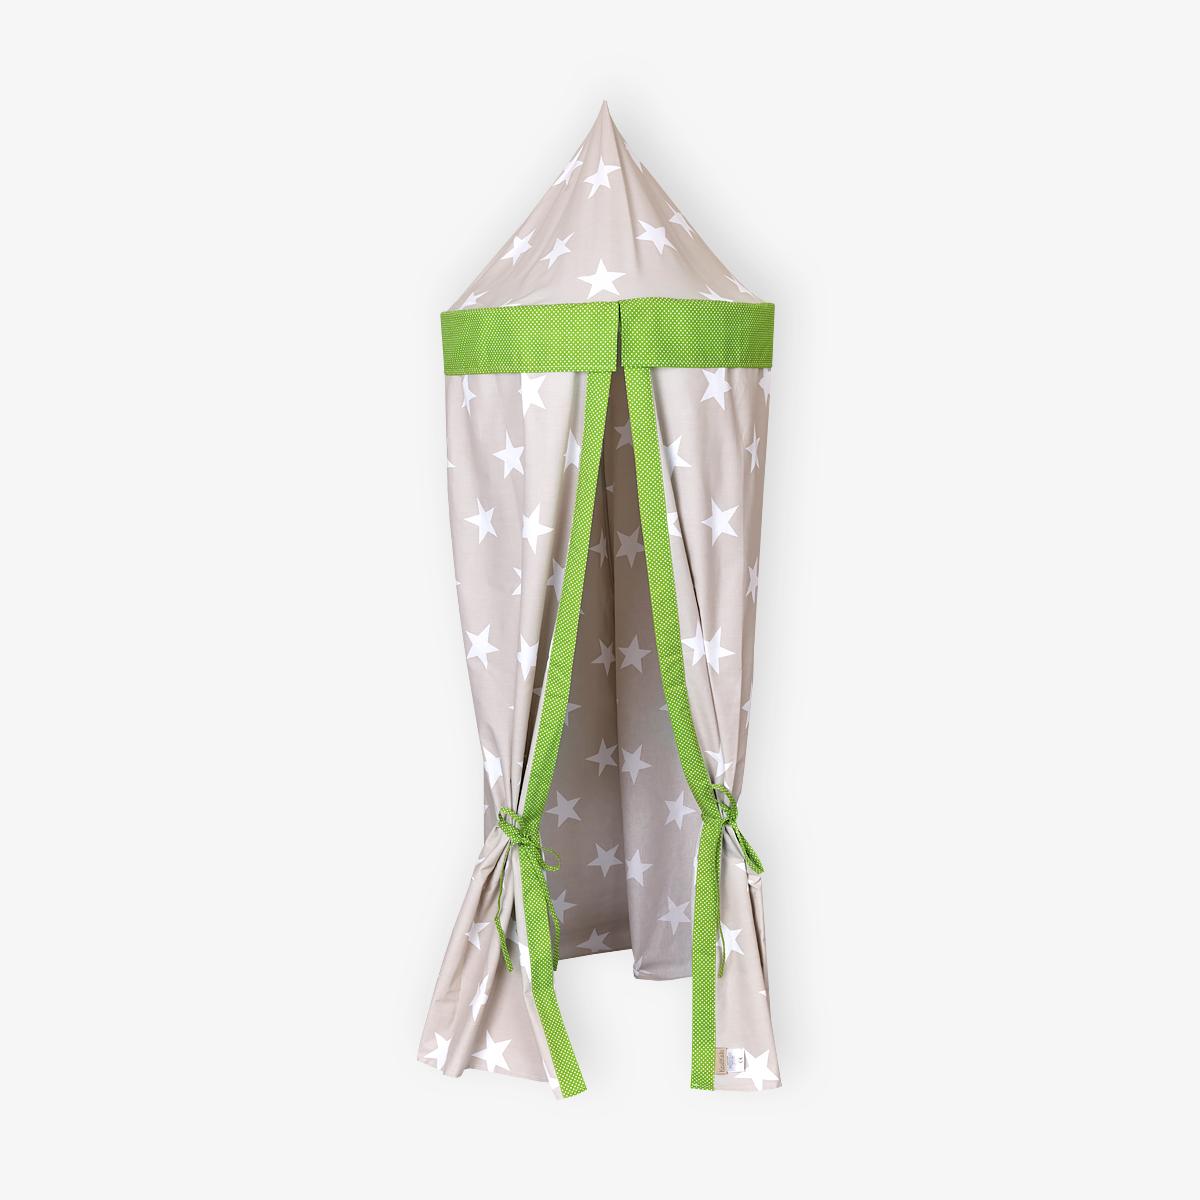 KraftKids Hängezelt große weiße Sterne auf Beige und weiße Punkte auf Grün Baldachin